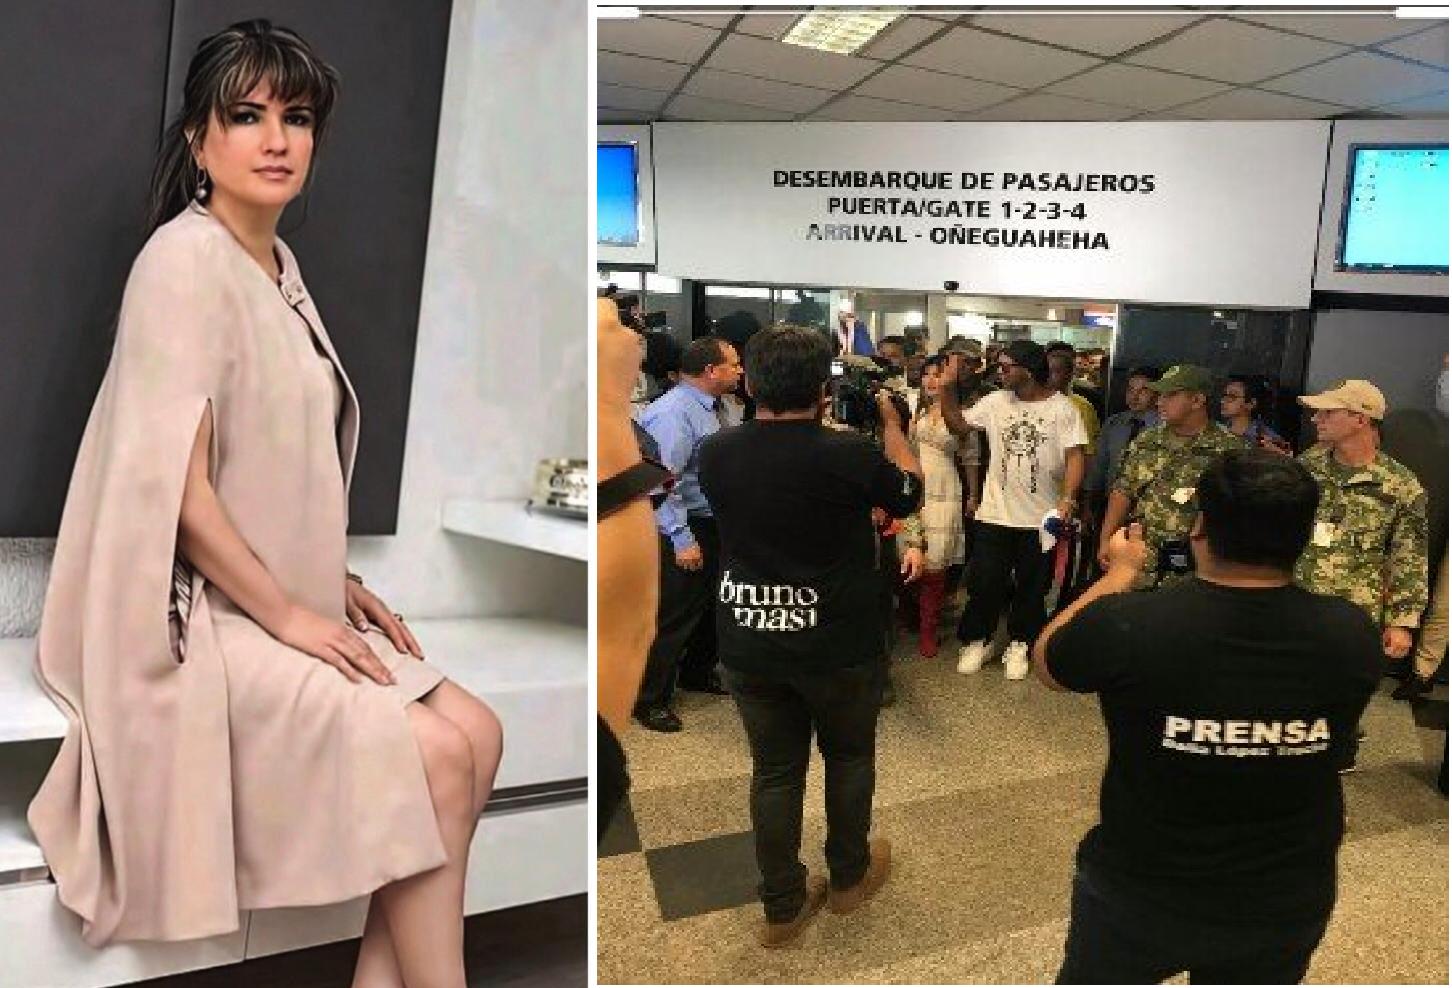 Dalia antes del escándalo y el día que recibió a Ronaldinho en el aeropuerto. Hasta ahora Dalia no aparece.